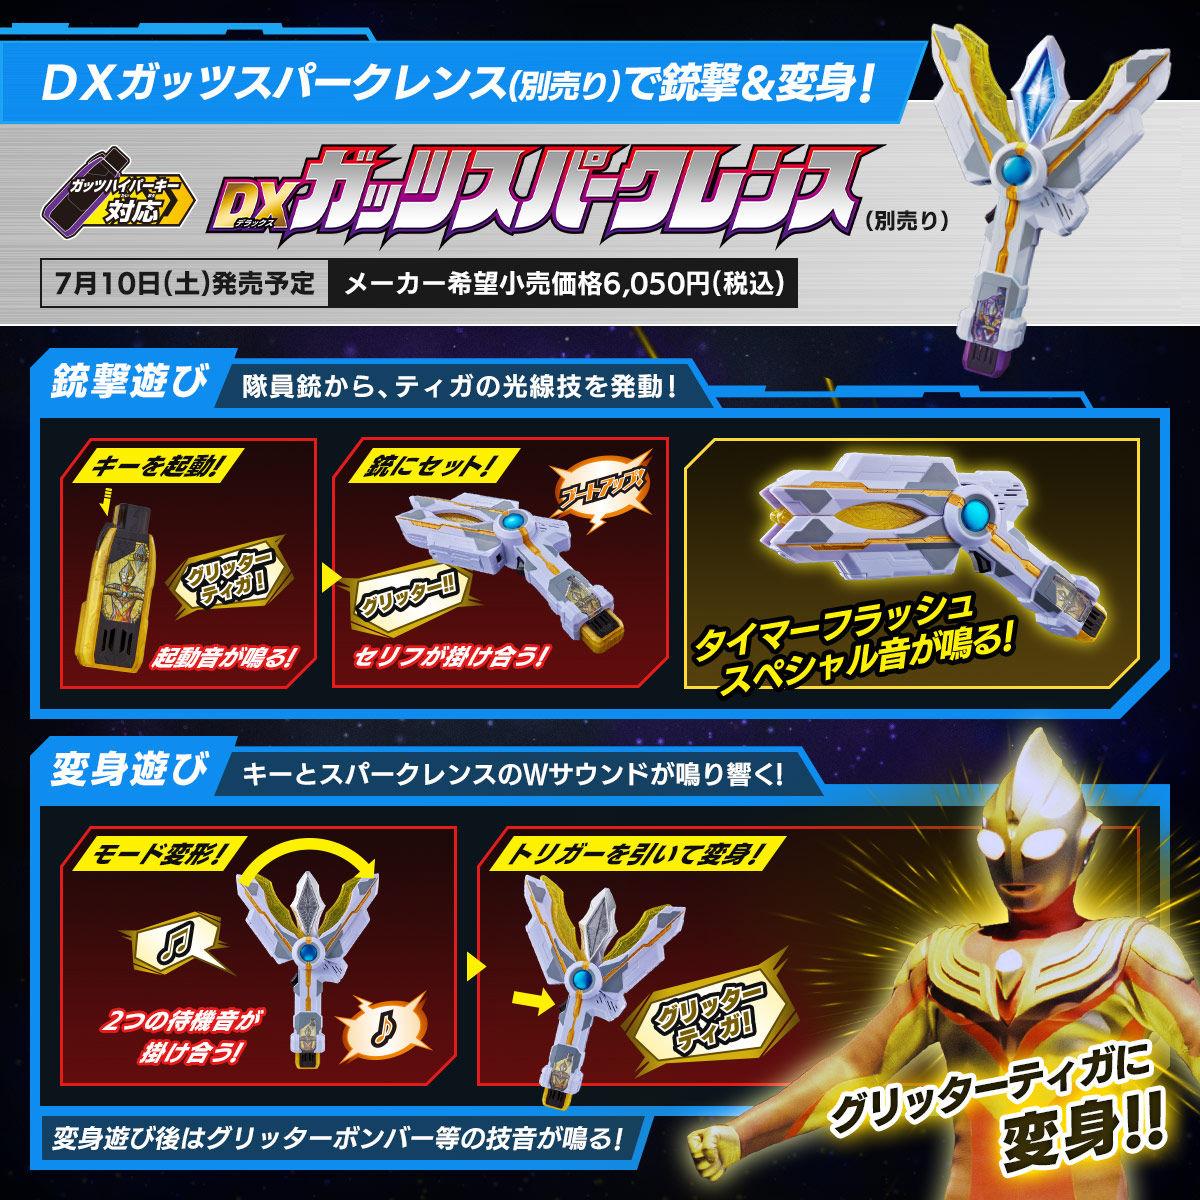 【限定販売】DXガッツハイパーキー『ウルトラマンティガキーセット』ウルトラマントリガー 変身なりきり-004